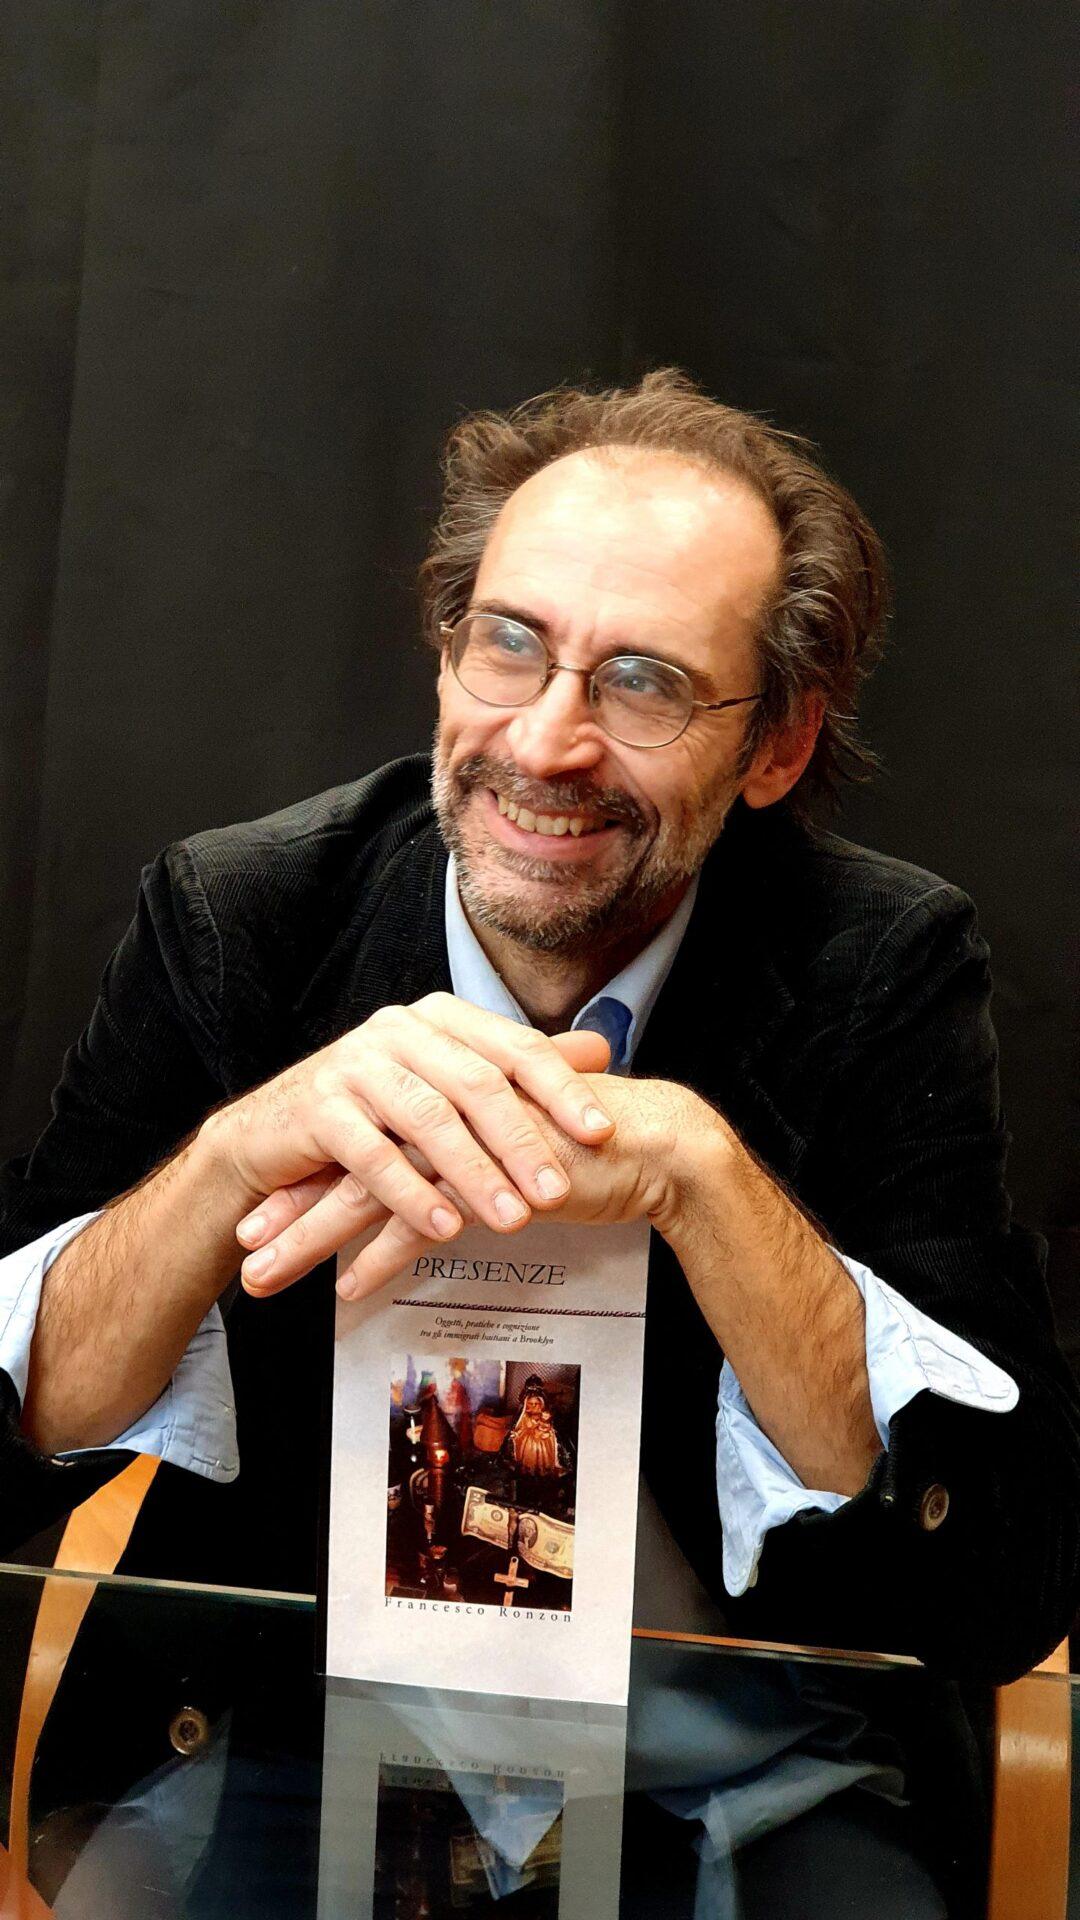 Francesco Ronzon, docente di Antropologia culturale all'Accademia Cignaroli, Verona. Ha svolto indagini etnografiche ad Haiti, New York e in Italia